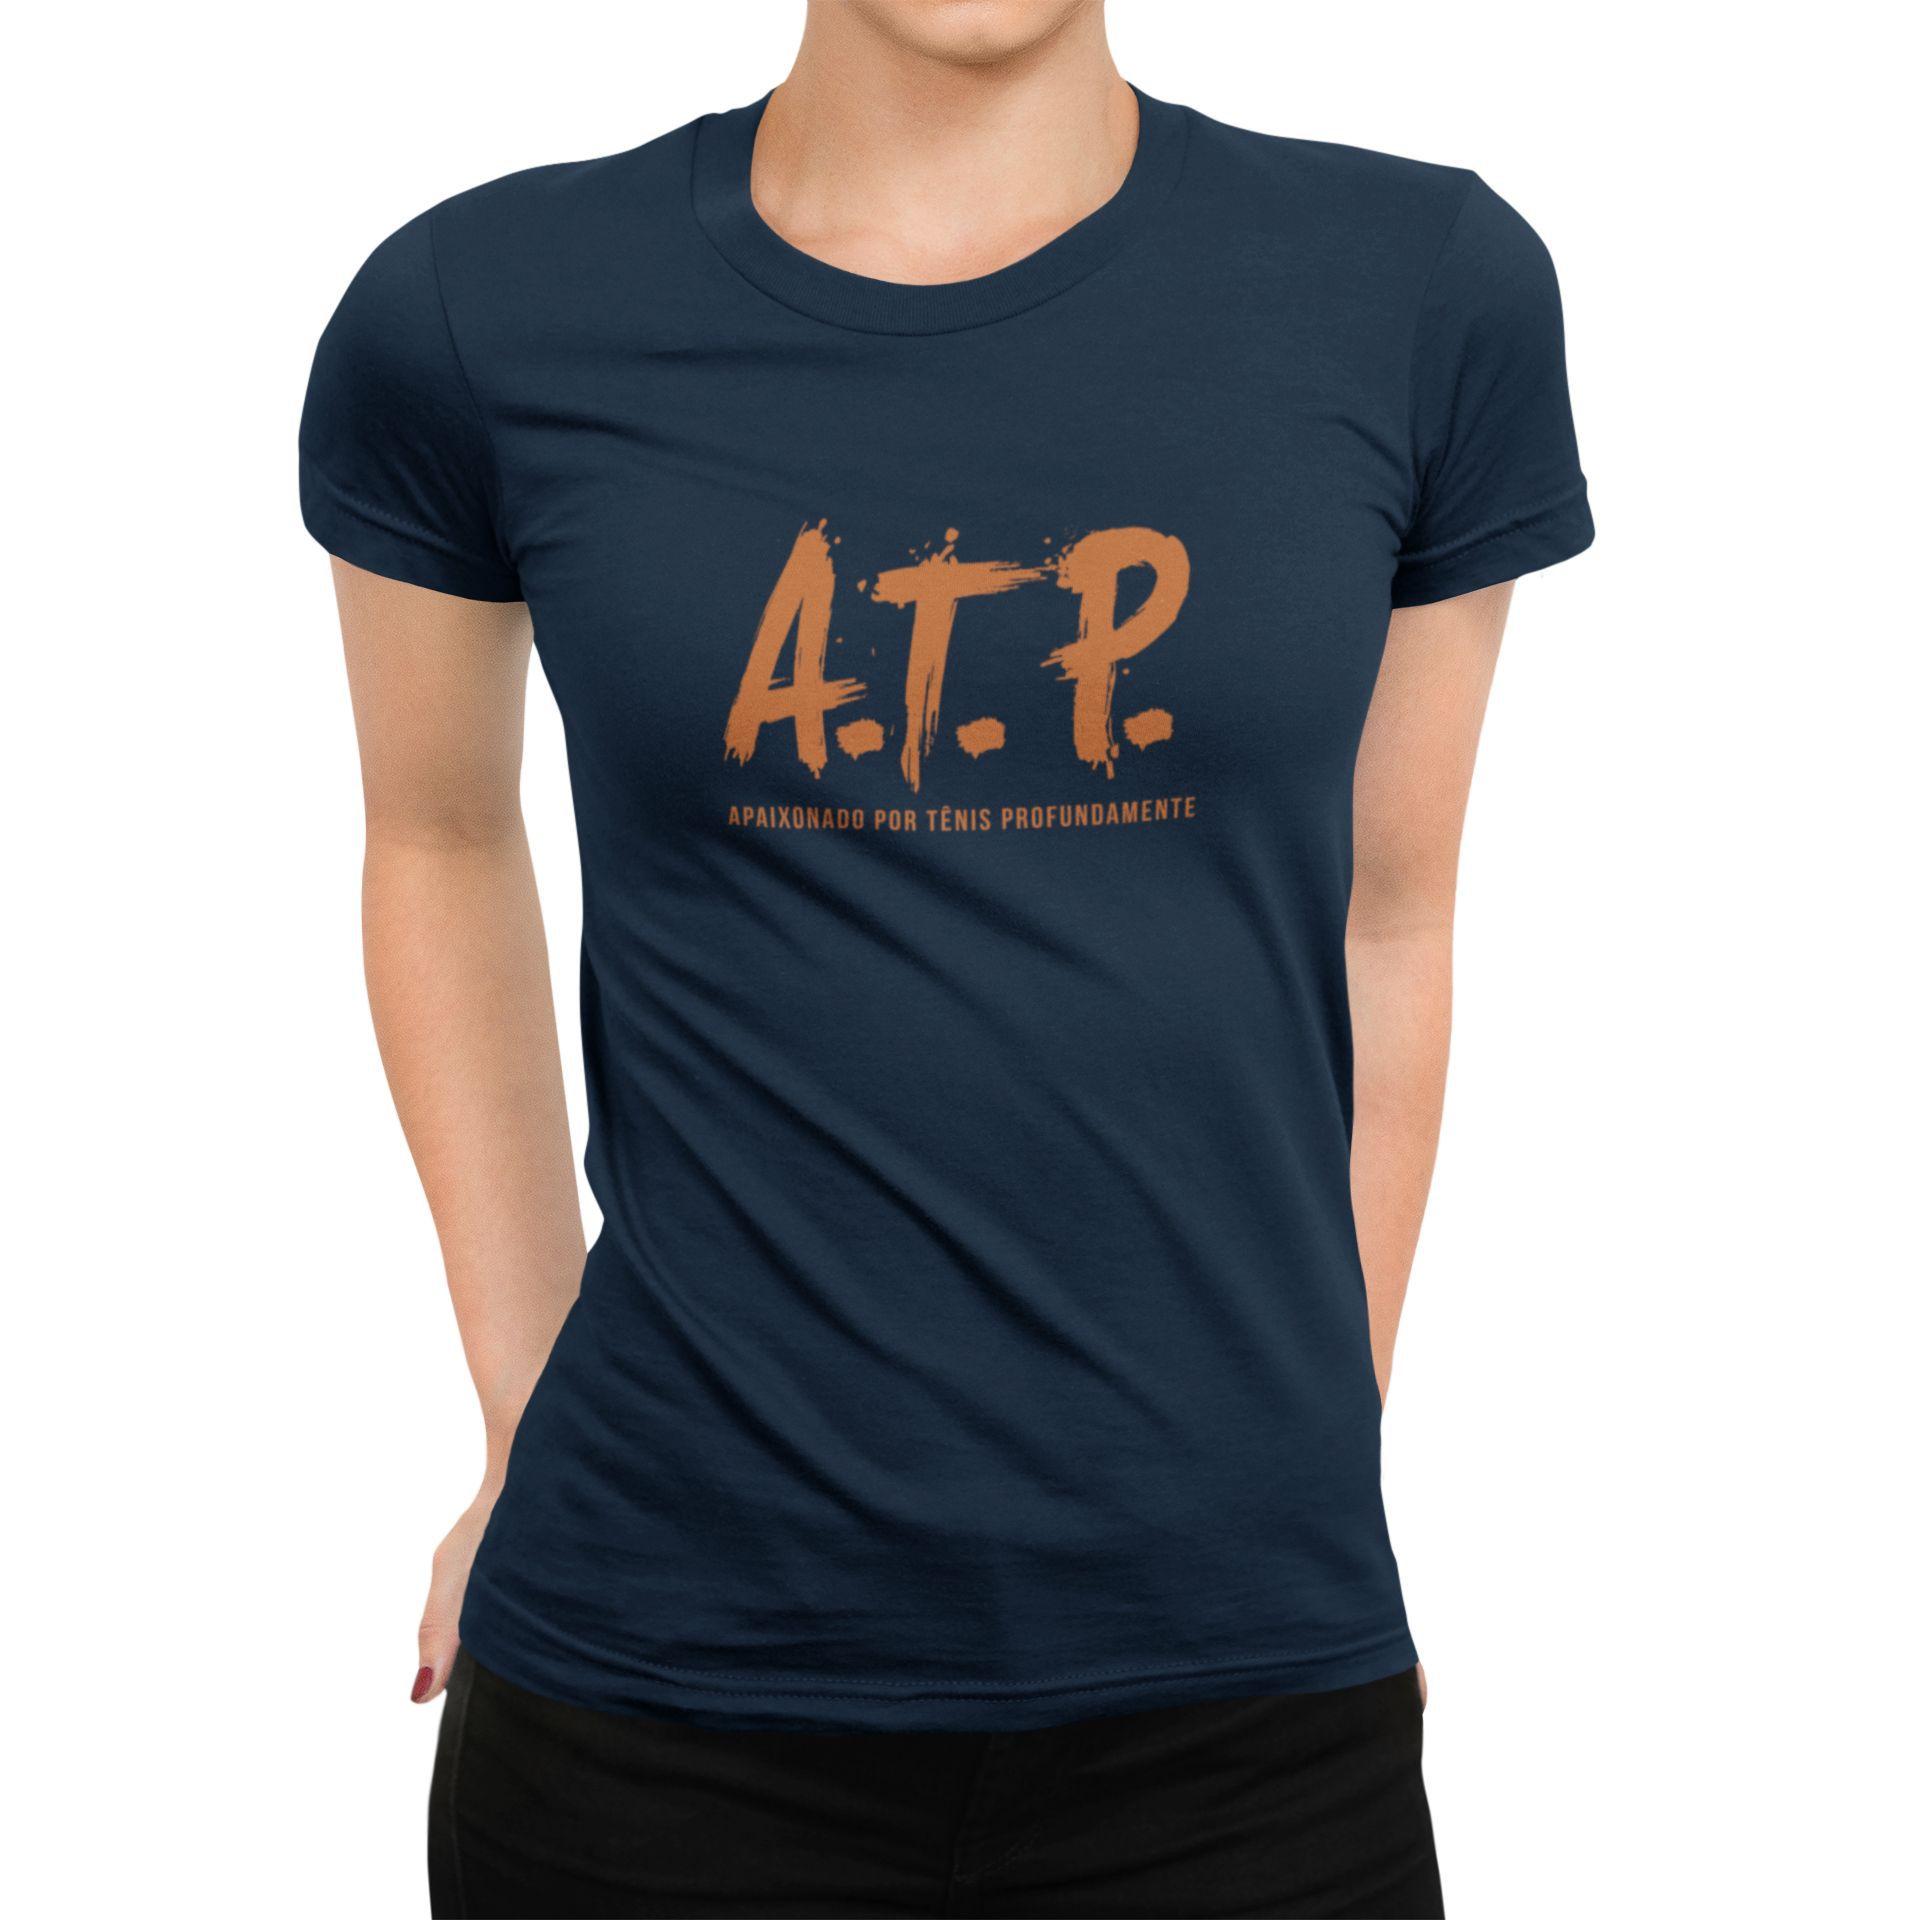 Camiseta ATP (APAIXONADO POR TÊNIS PROFUNDAMENTE) >> Coleção 2019 >> FEMININA